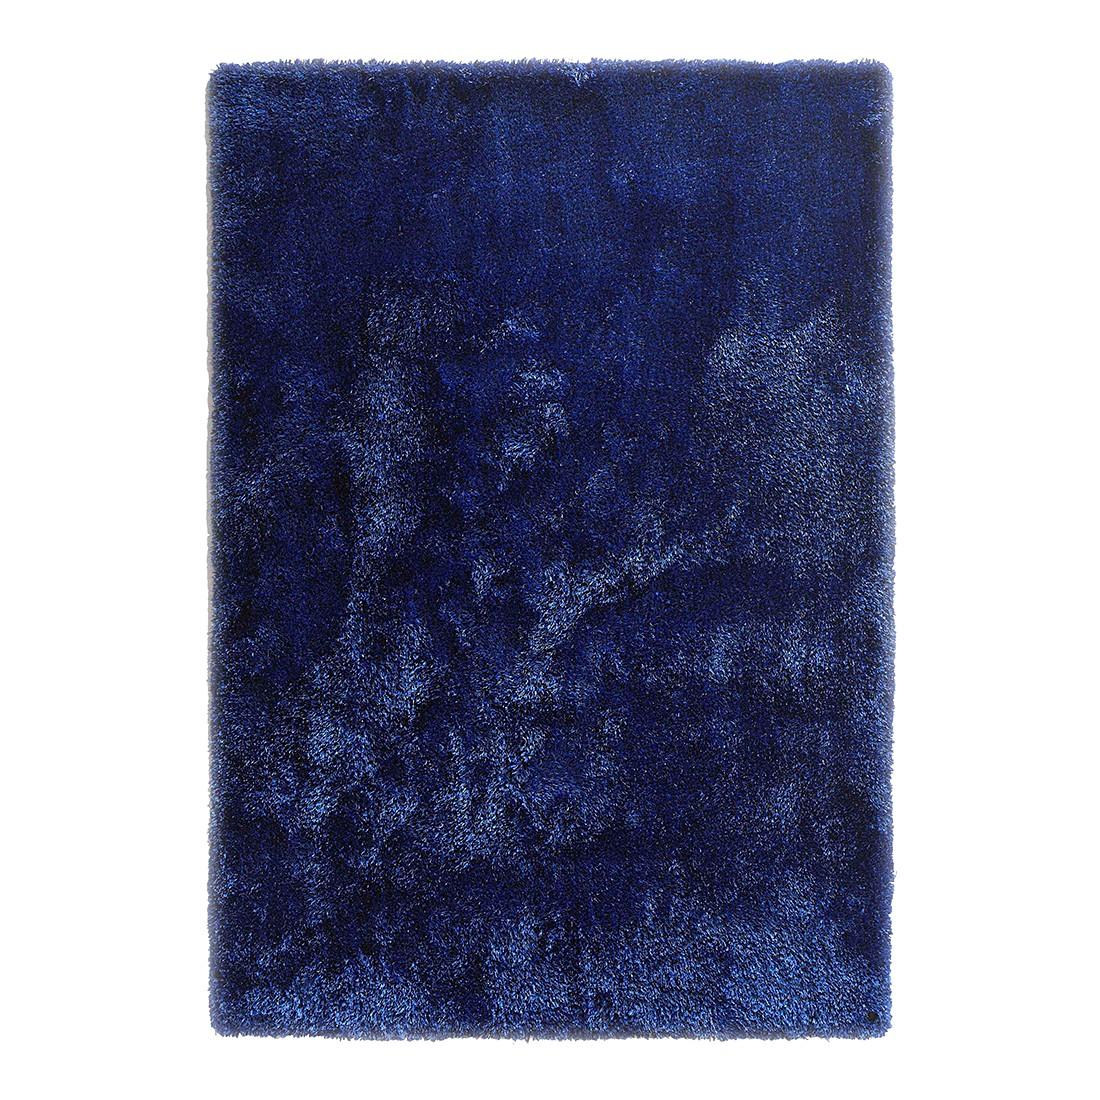 Teppich Soft Square – Blau – Maße: 160 x 230 cm, Tom Tailor günstig online kaufen